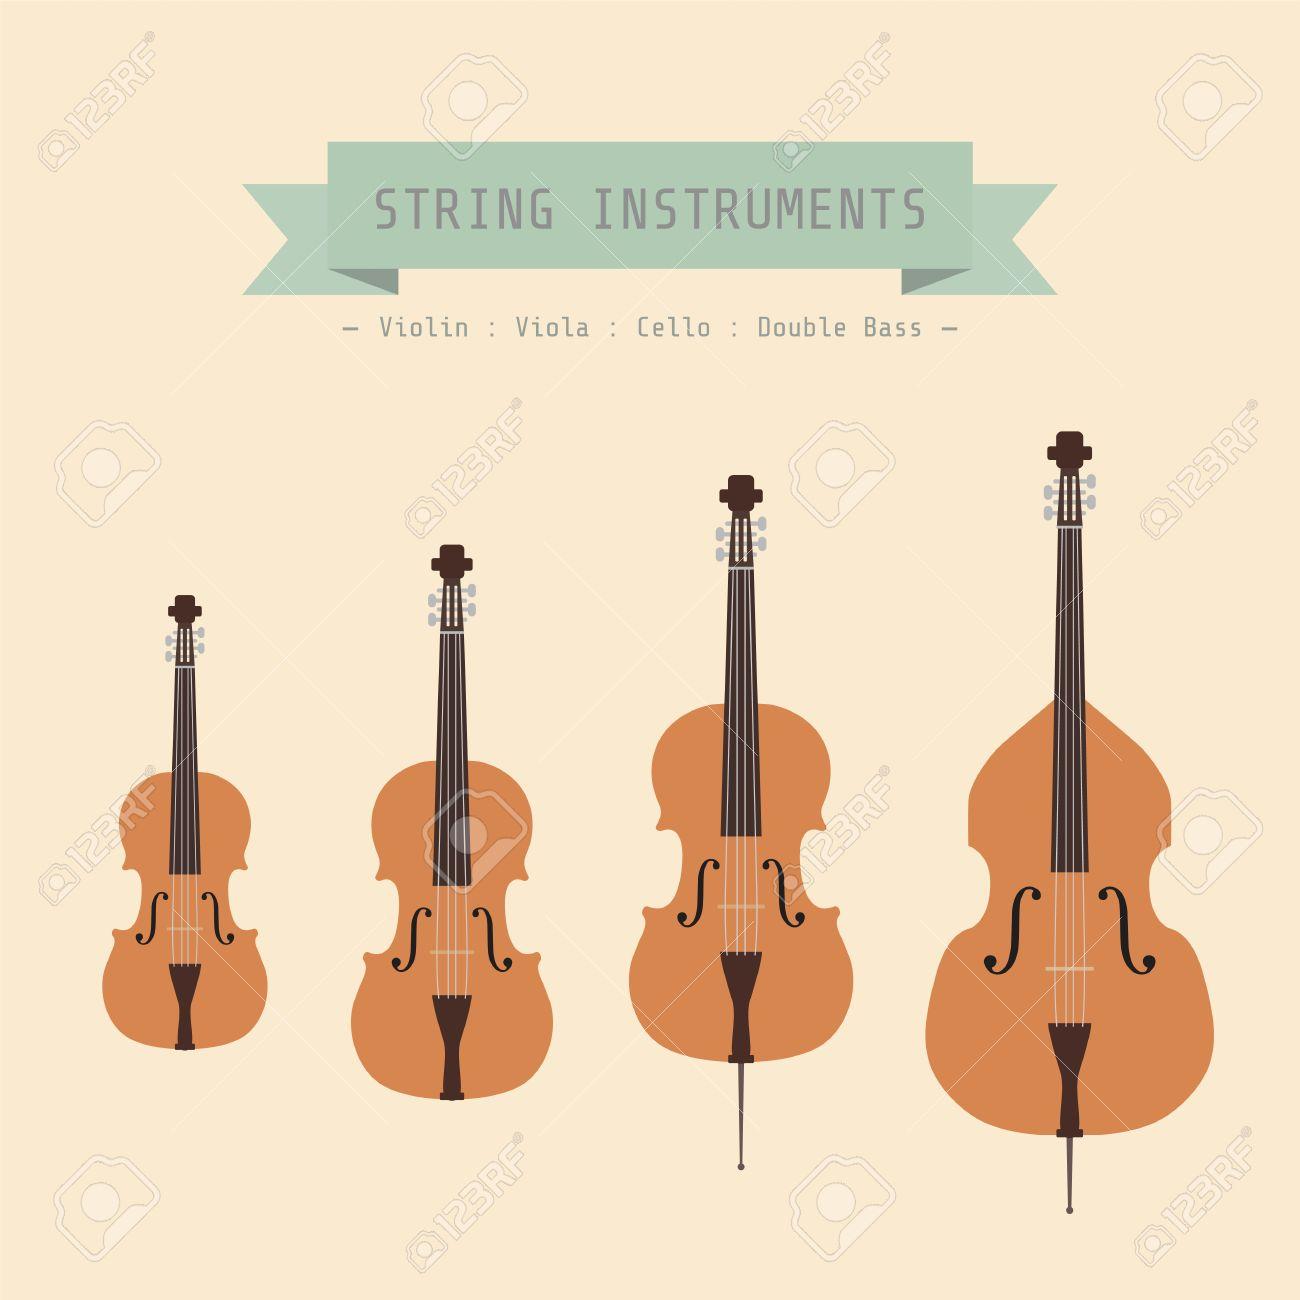 Cuerda De Instrumento Musical Violin Viola Cello Y Contrabajo Estilo Plano